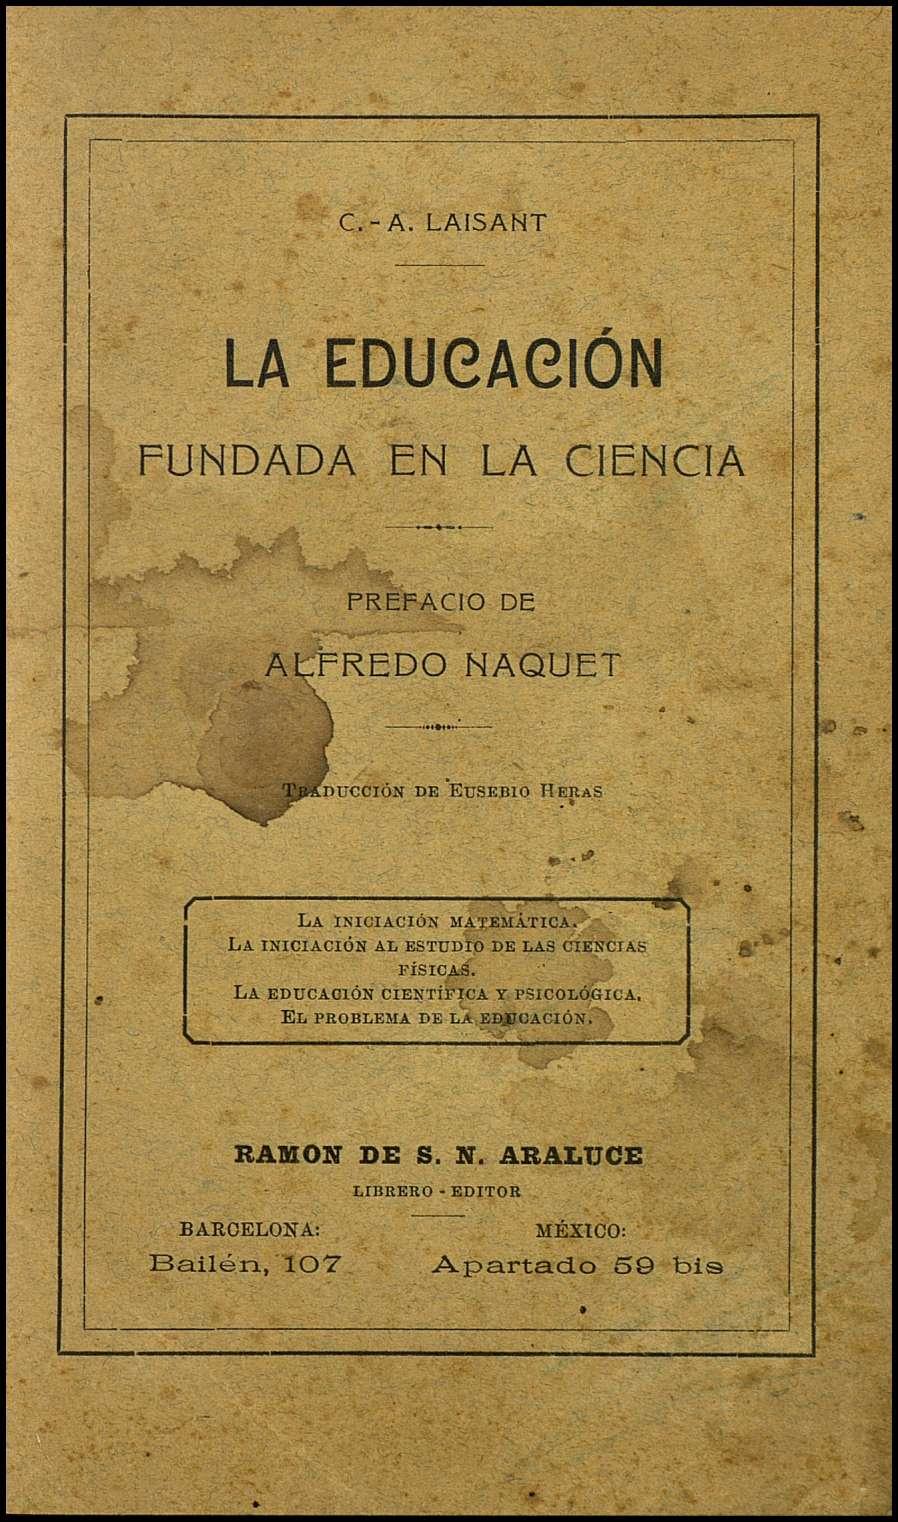 La educación fundada en la ciencia